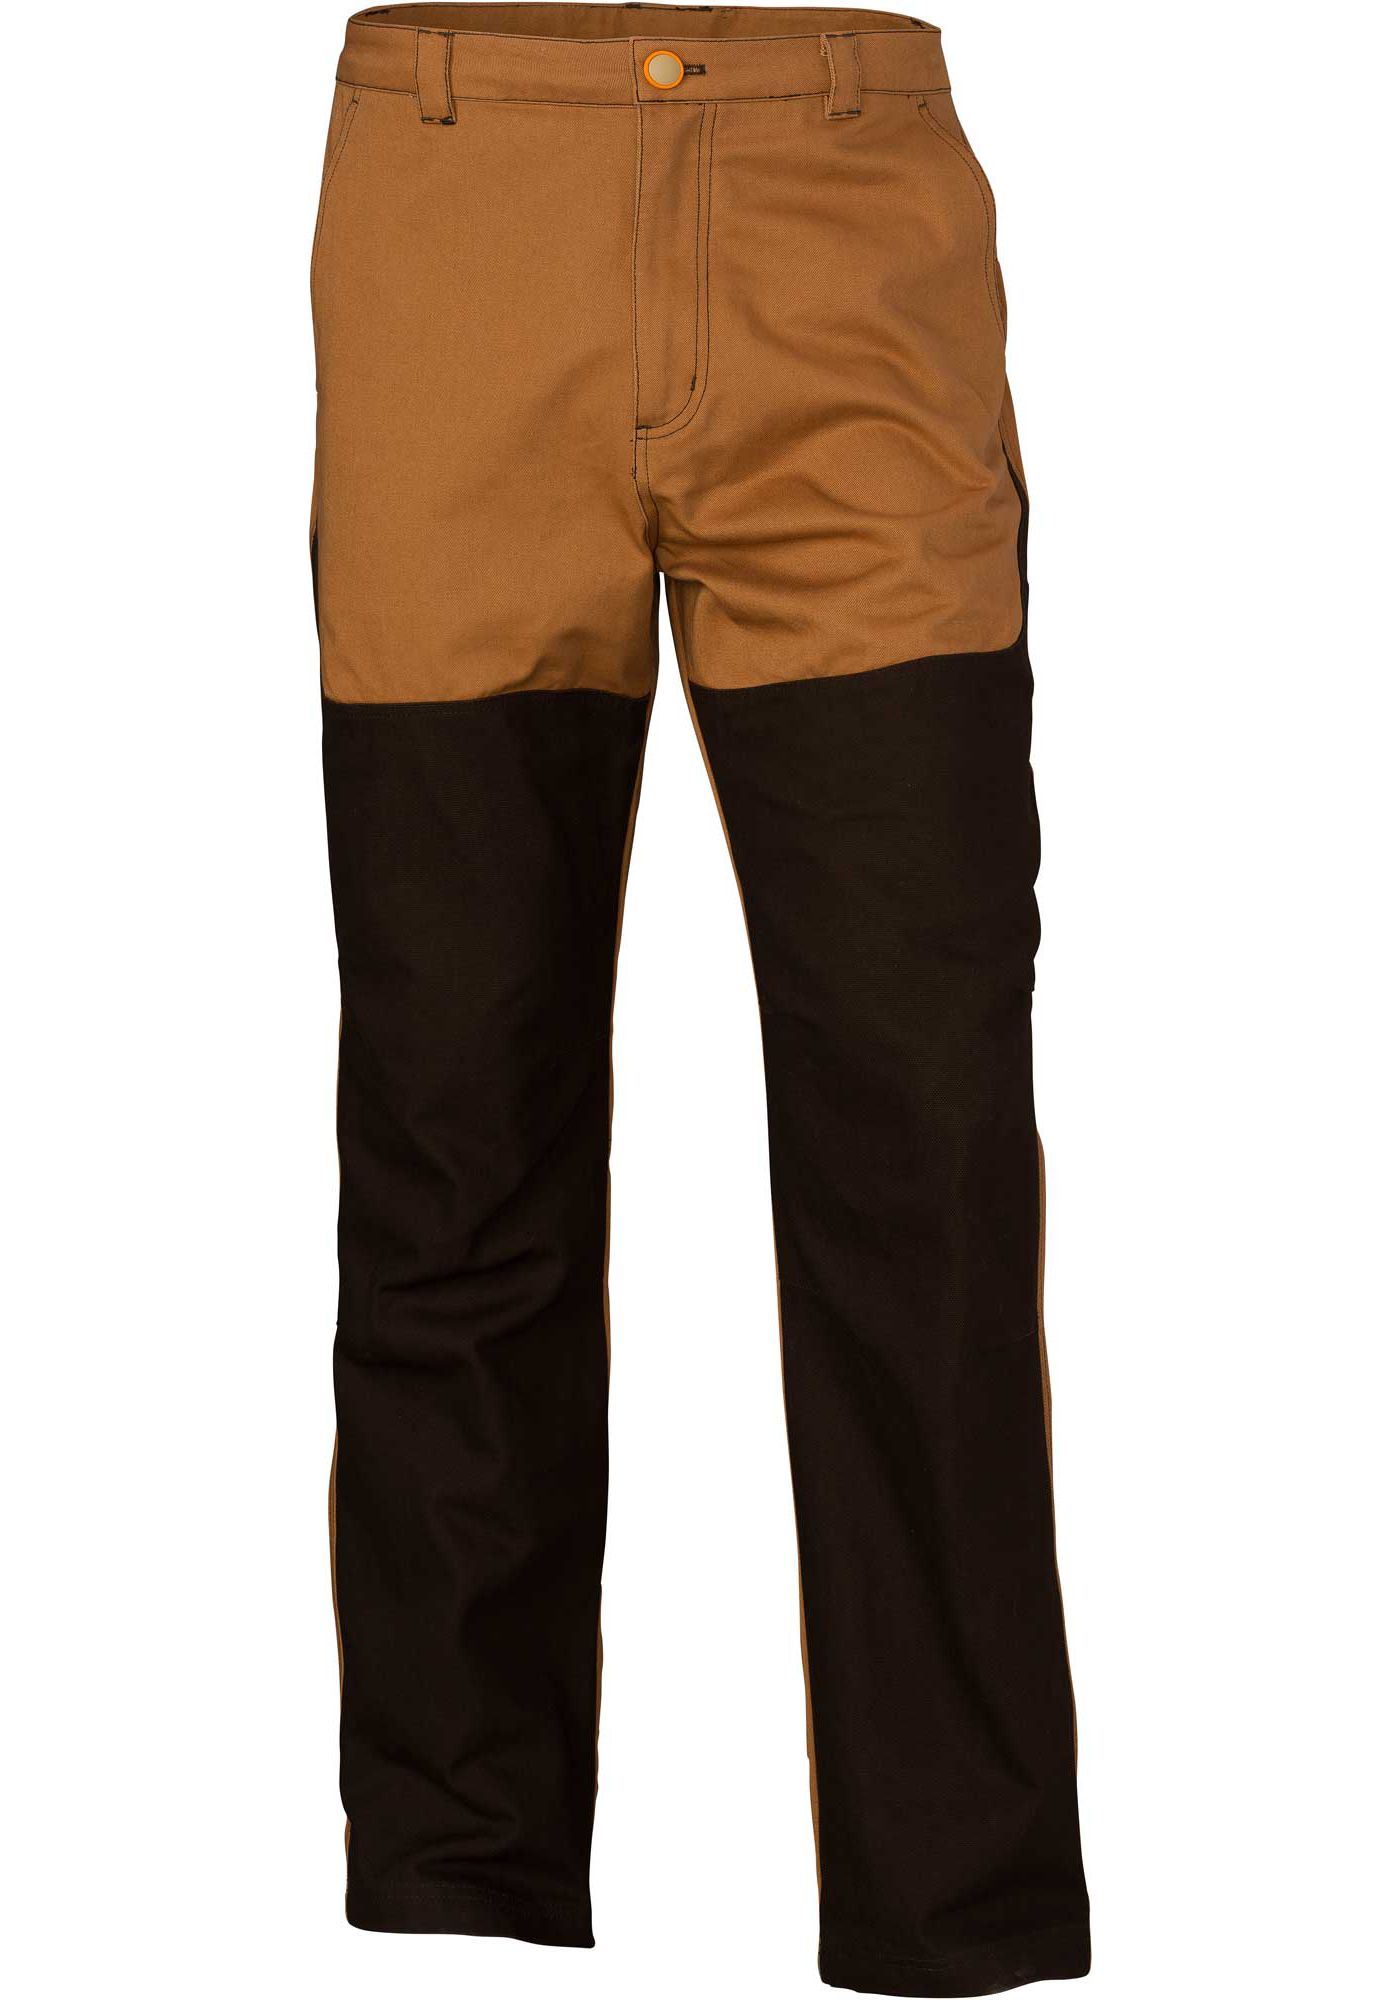 Browning Men's Upland Denim Pant